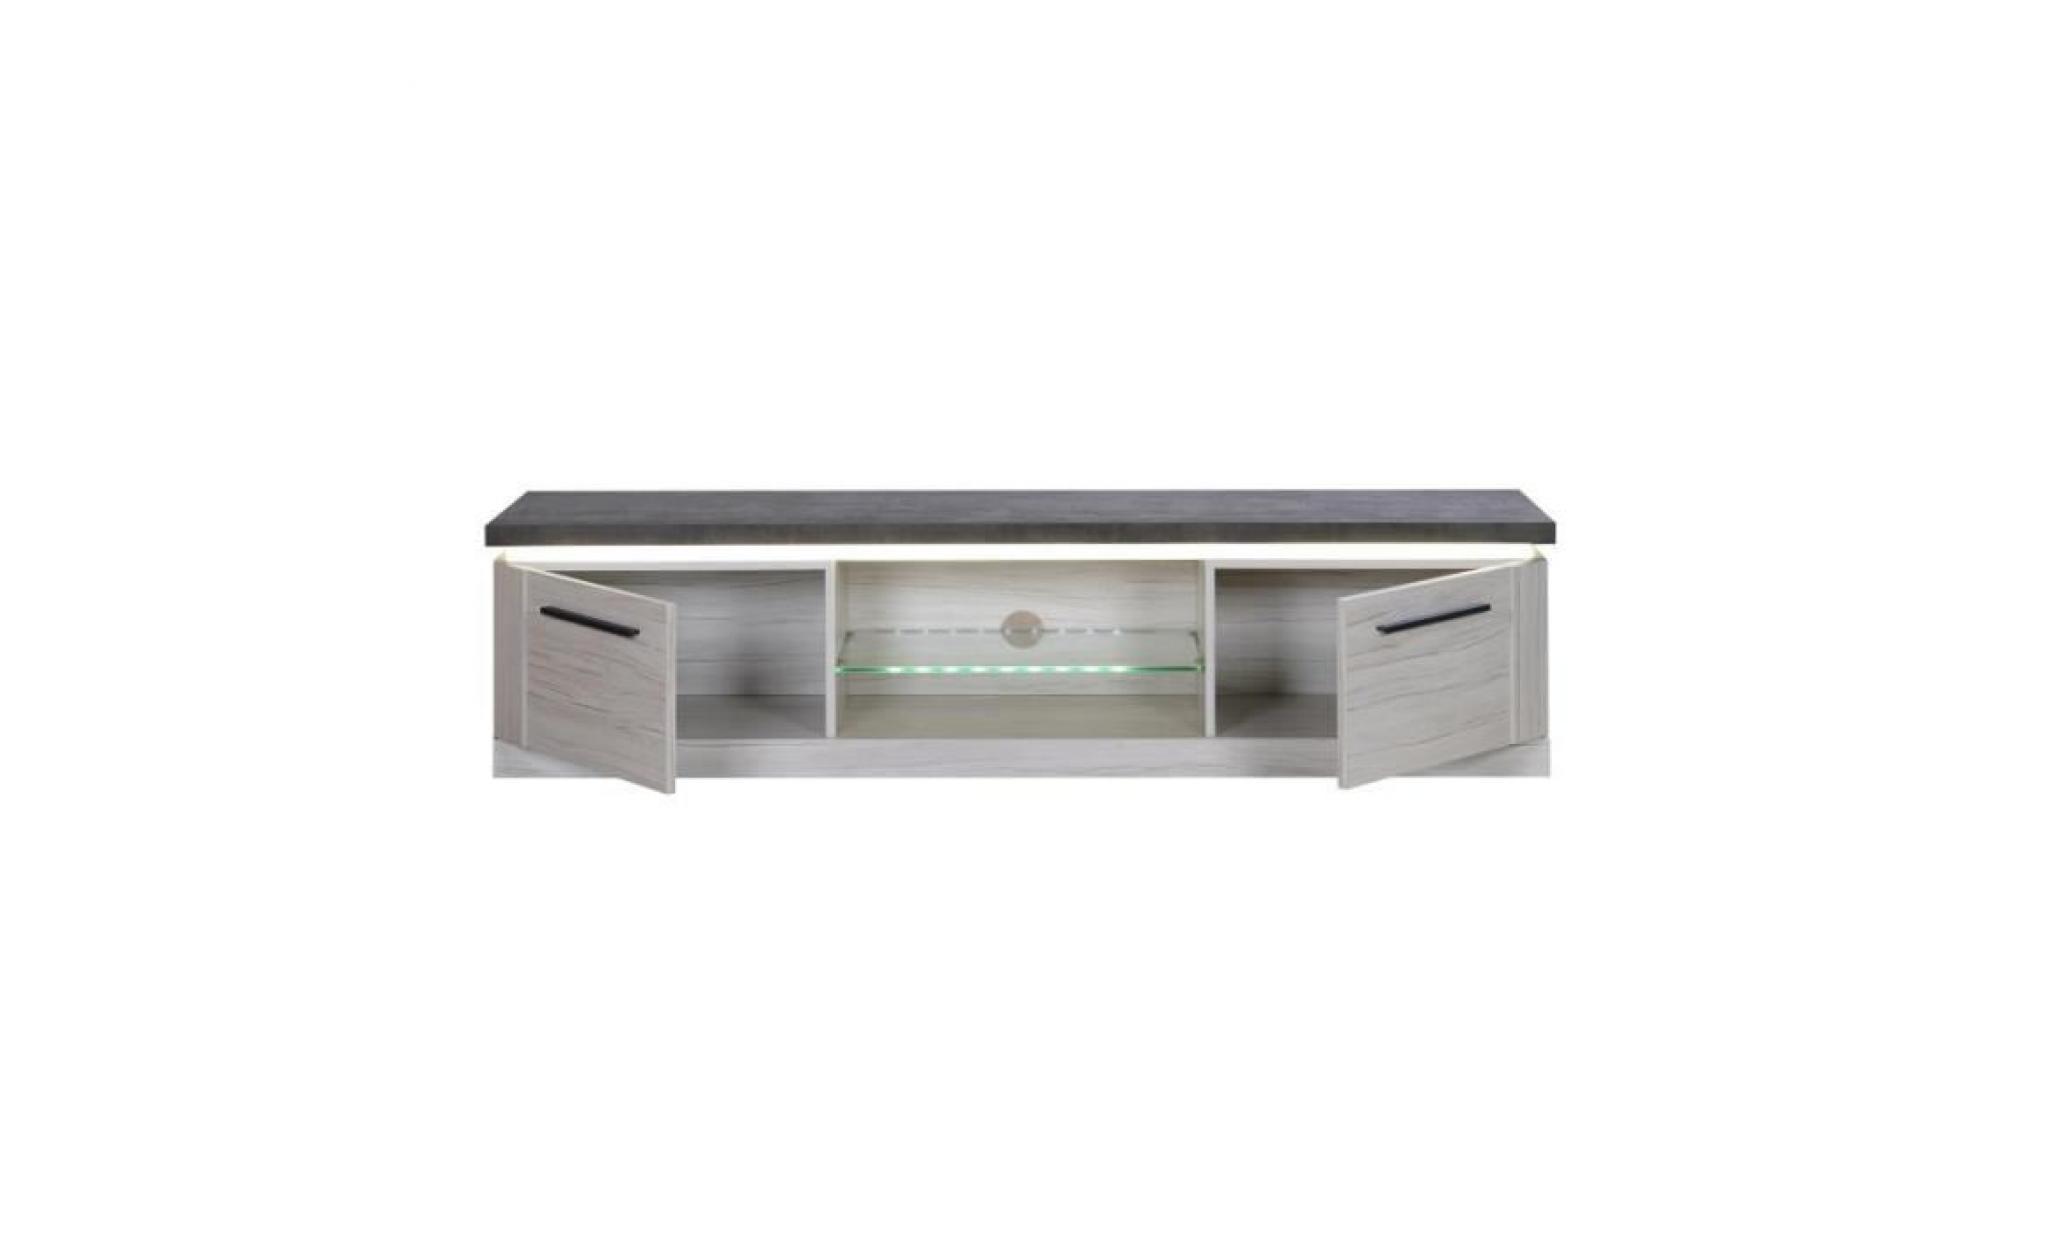 meuble tv chene gris ardoise himeji l 181 x l 46 x h 44 achat vente meuble tv pas cher couleur et design fr